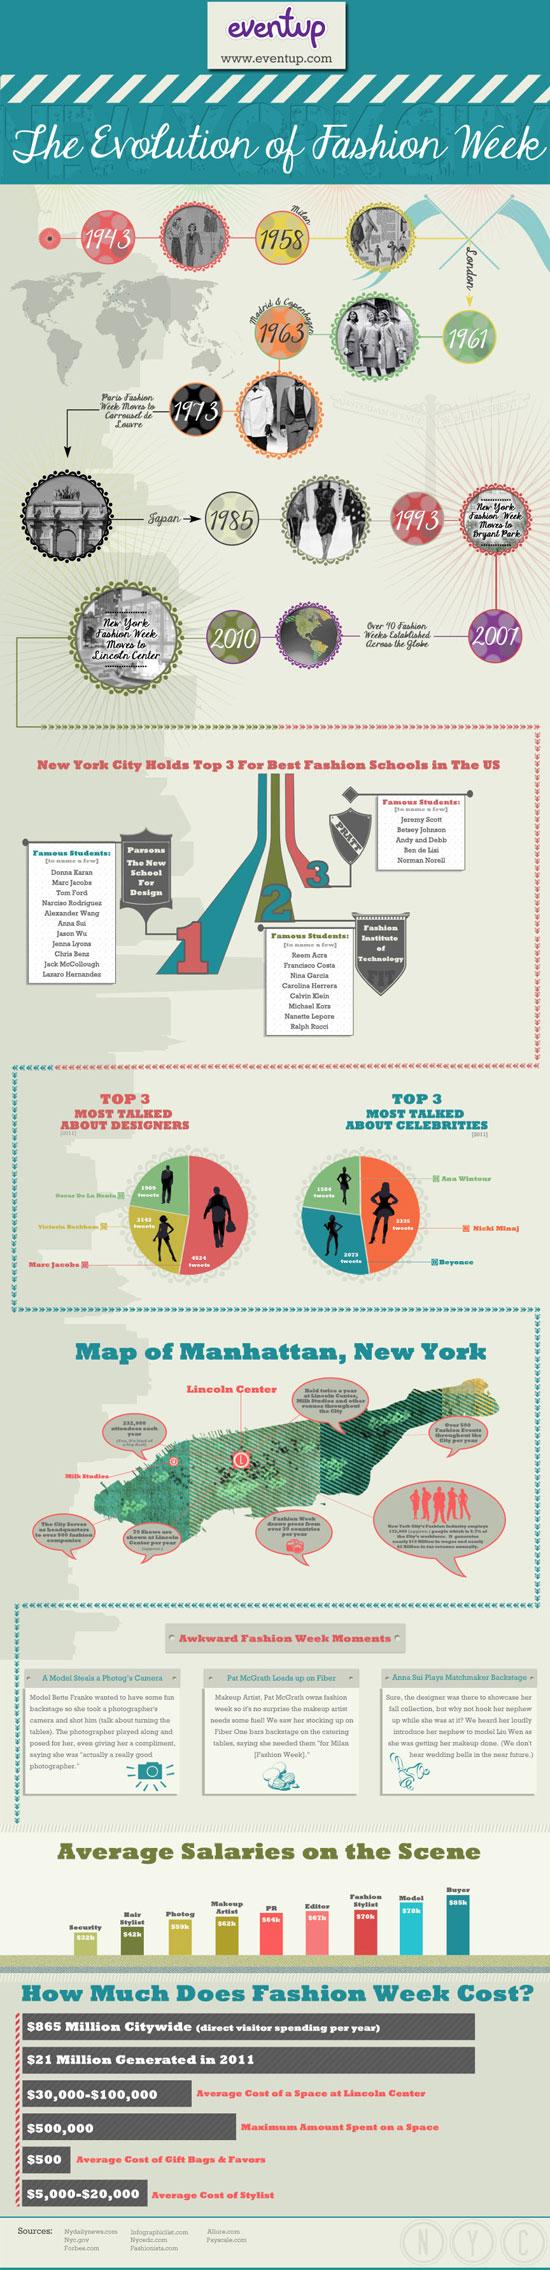 6. New York Fashion Week